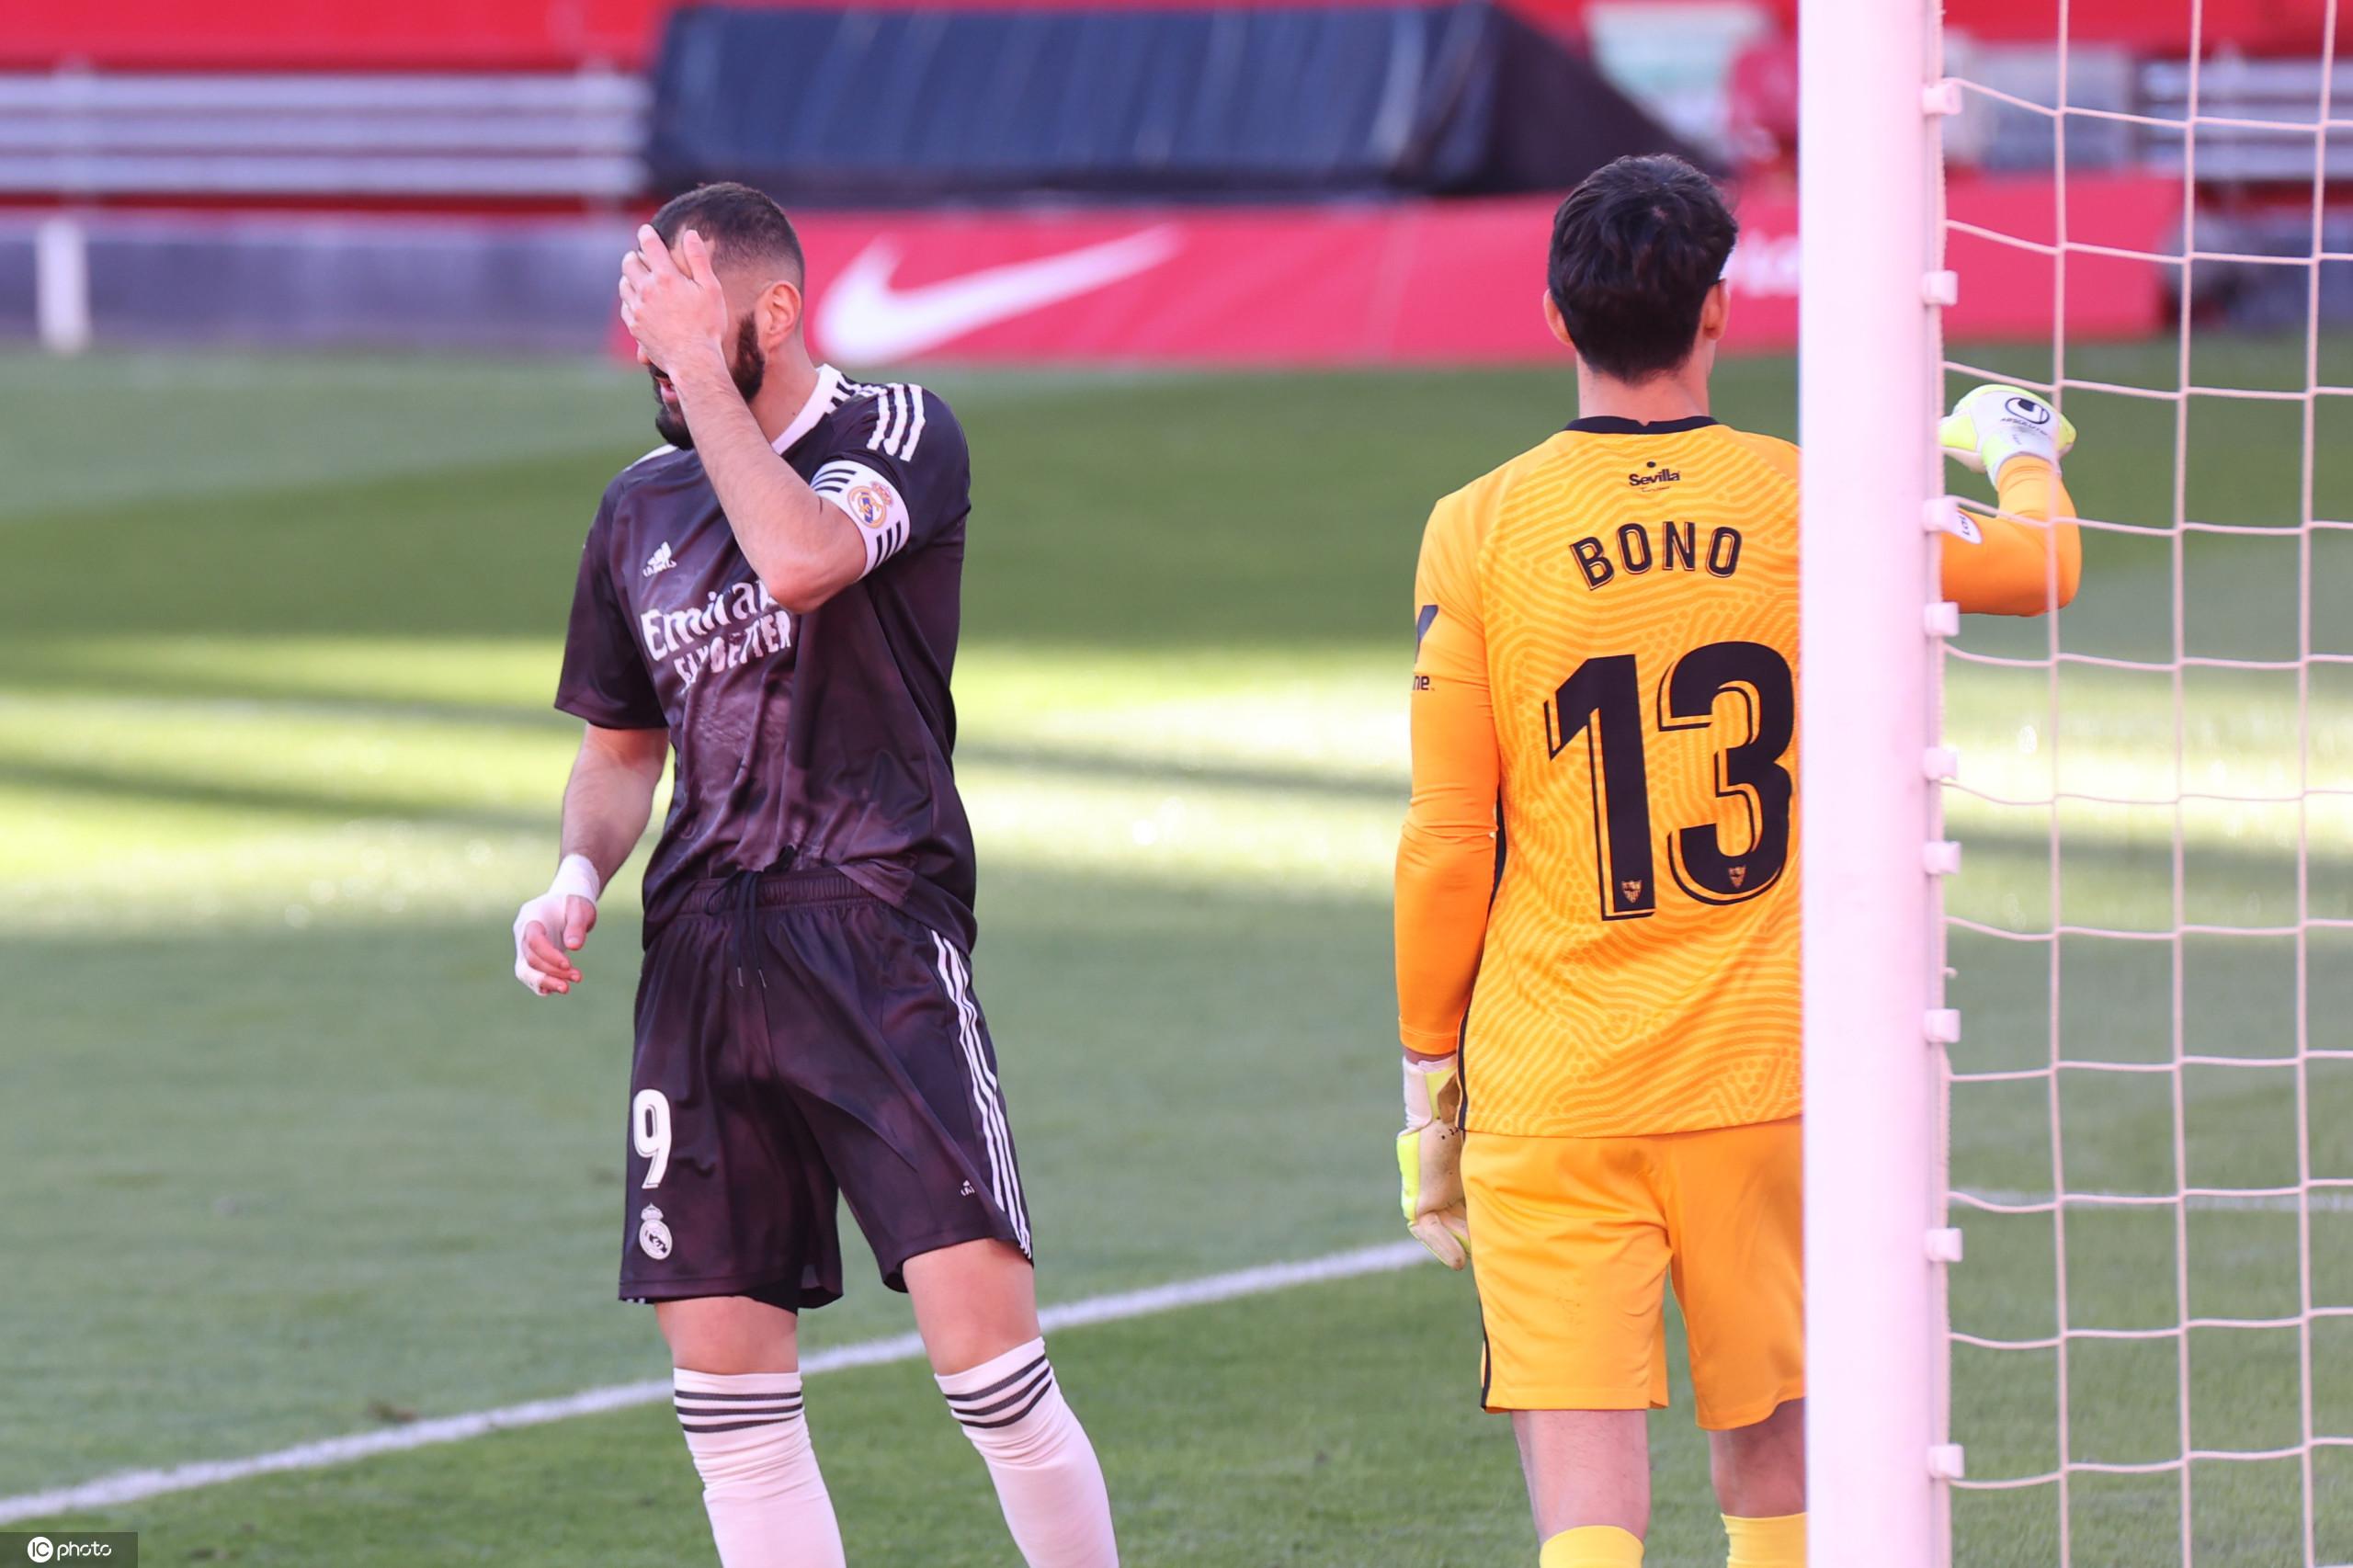 半场:维尼修斯本泽马制造威胁,皇马客场0-0塞维利亚